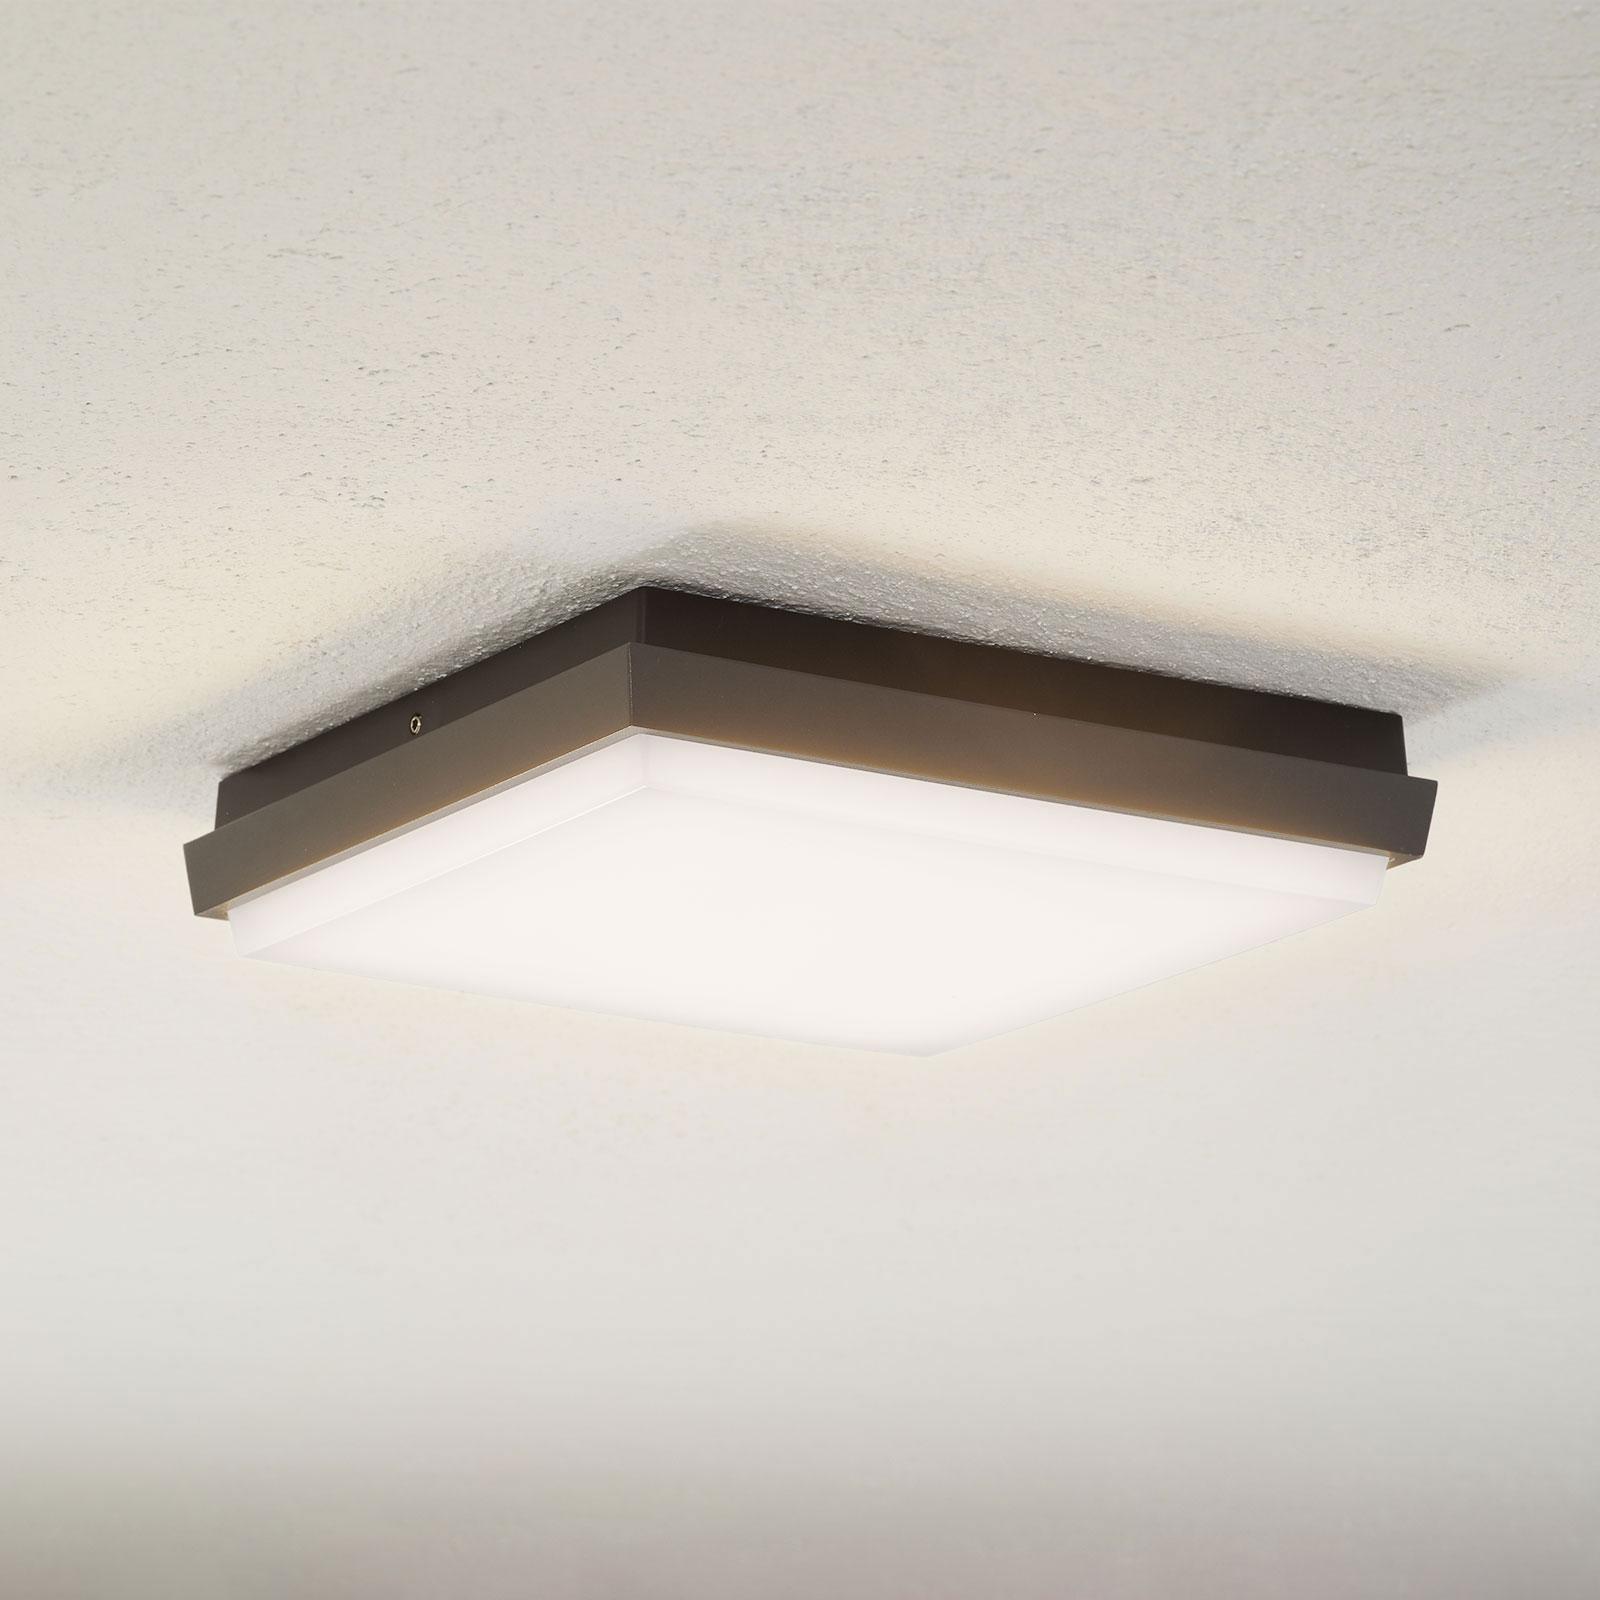 Lucande Amra LED utetaklampe, kantet, 24 cm